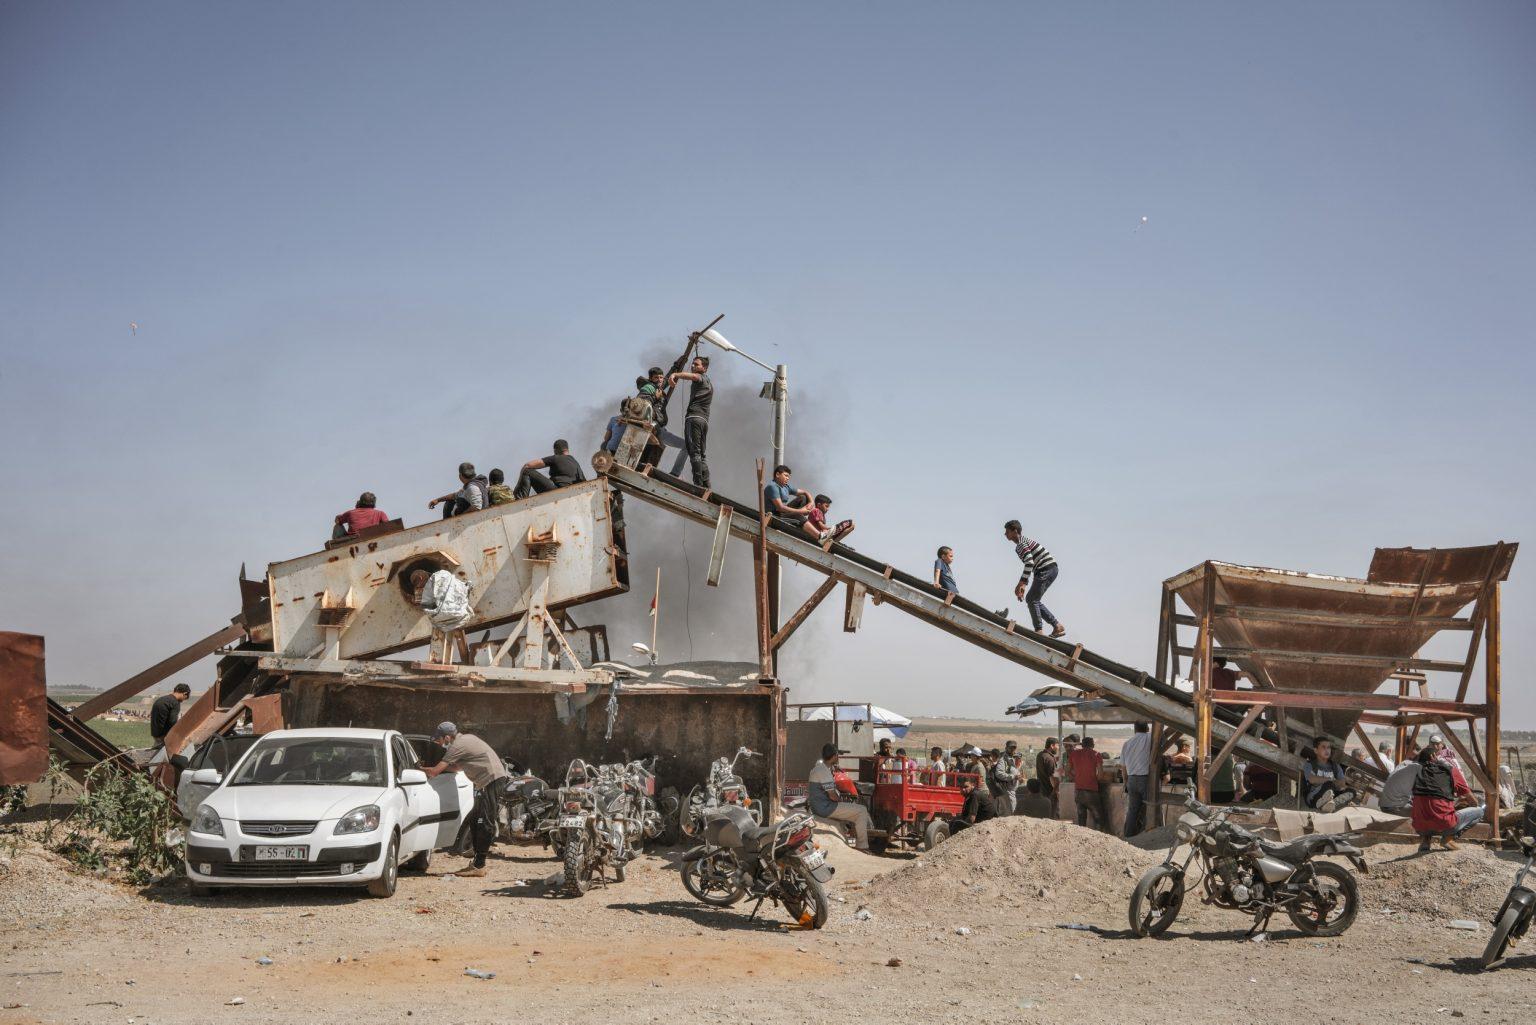 Gaza Strip, May 2018 - Palestinian boys observ the protest along the Gaza-israel border. >< Striscia di Gaza, maggio 2018 - Un gruppo di ragazzi palestinesi osserva le proteste lungo il confine tra Gaza e Israele.